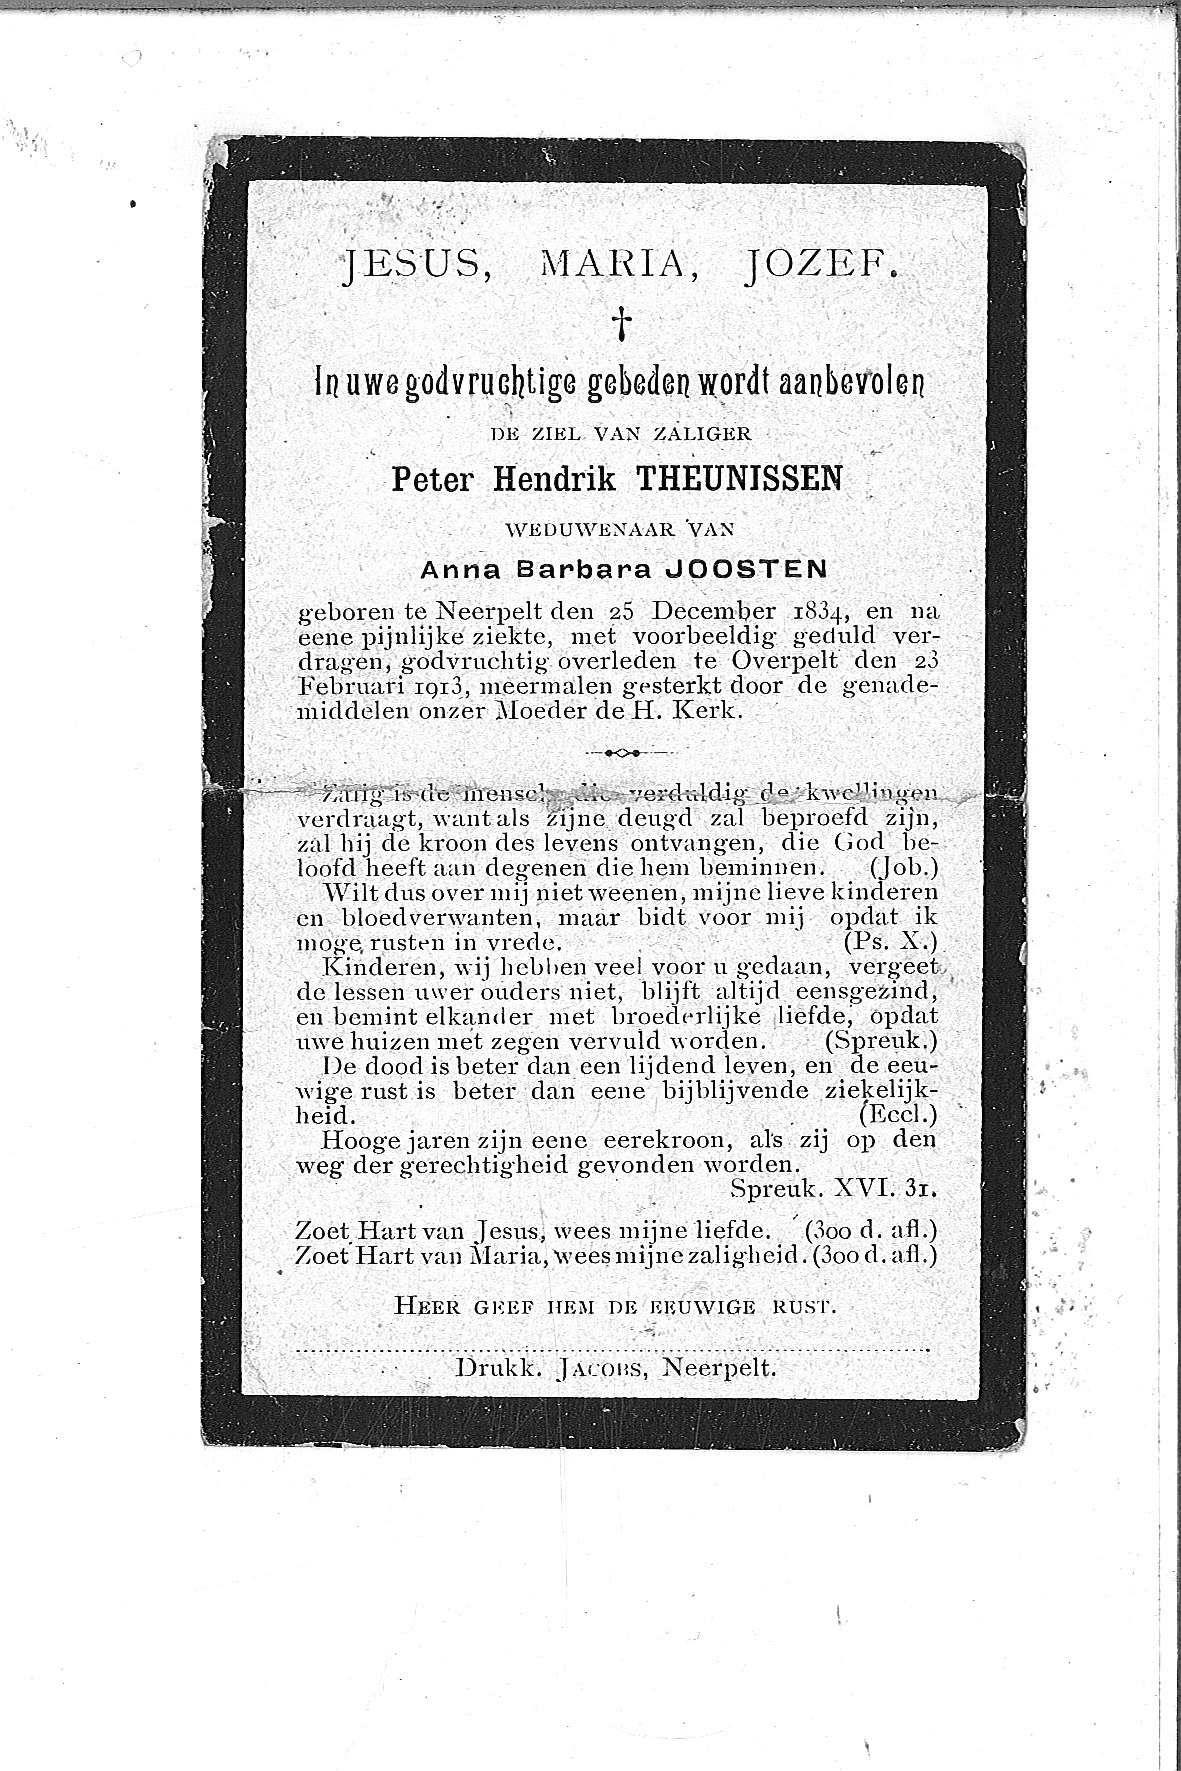 Peter-Hendrik(1913)20140813084409_00050.jpg